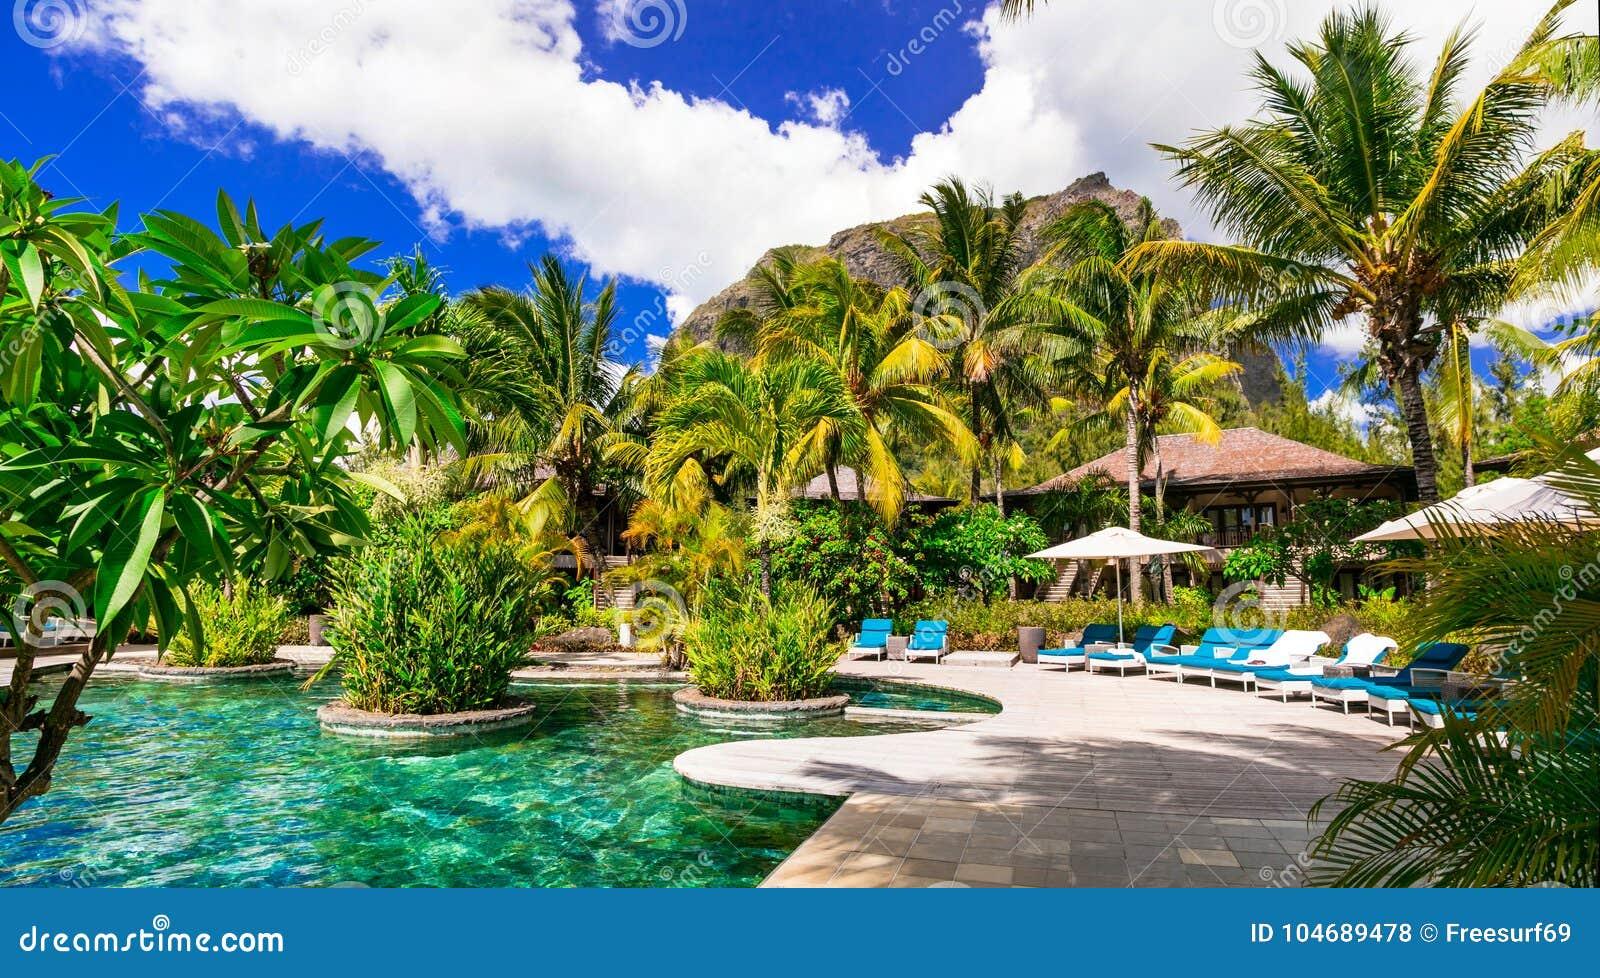 Feriados tropicais luxuosos Associação da nadada e território de relaxamento dos termas,